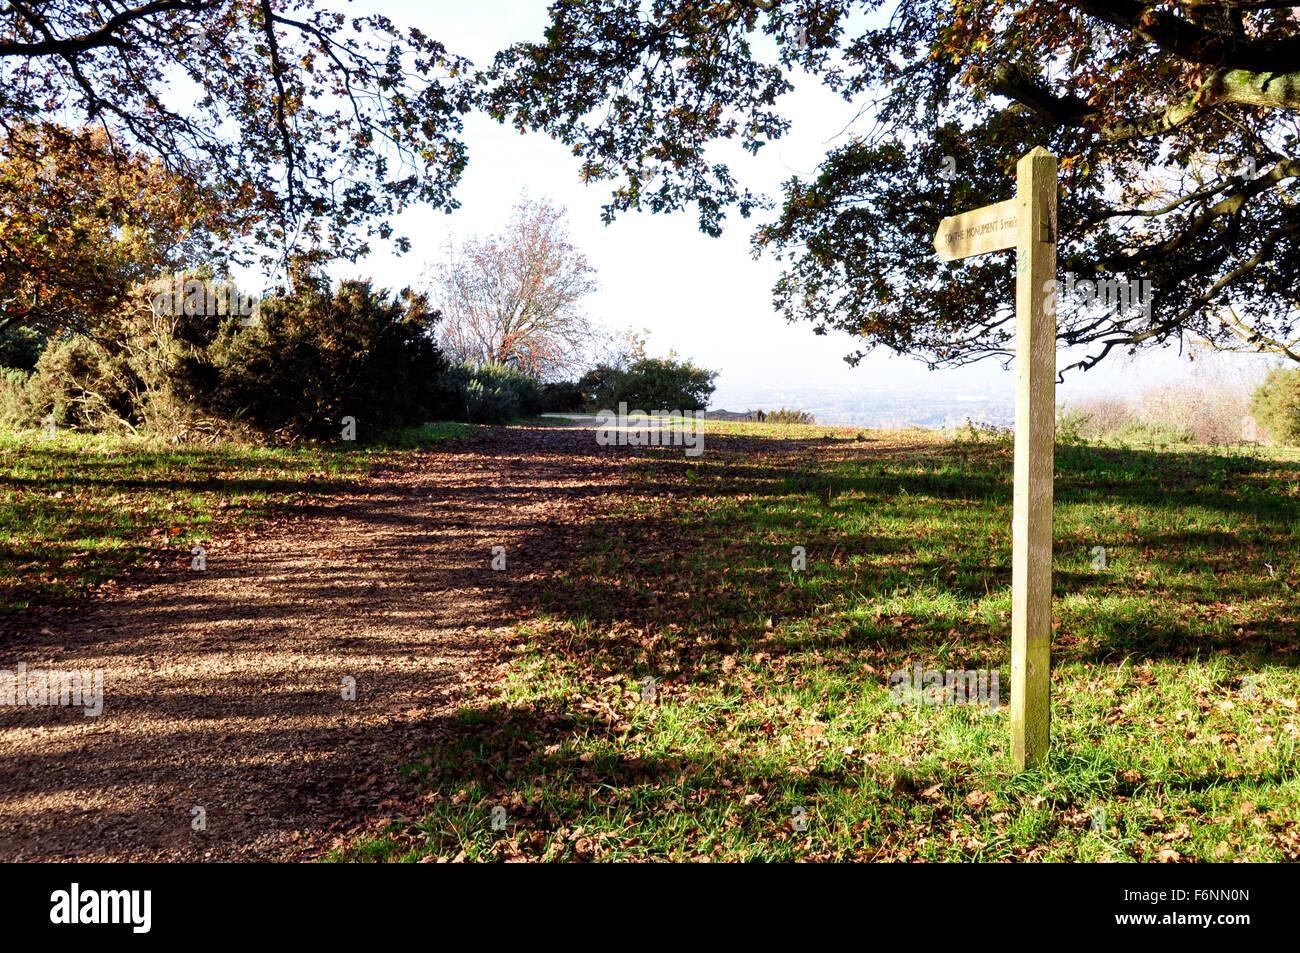 Chiltern Hills - auf Beacon Hill - Wanderweg - Finger Post - Anzeigen über Aylesbury Plain - Sonnenlicht und Stockbild